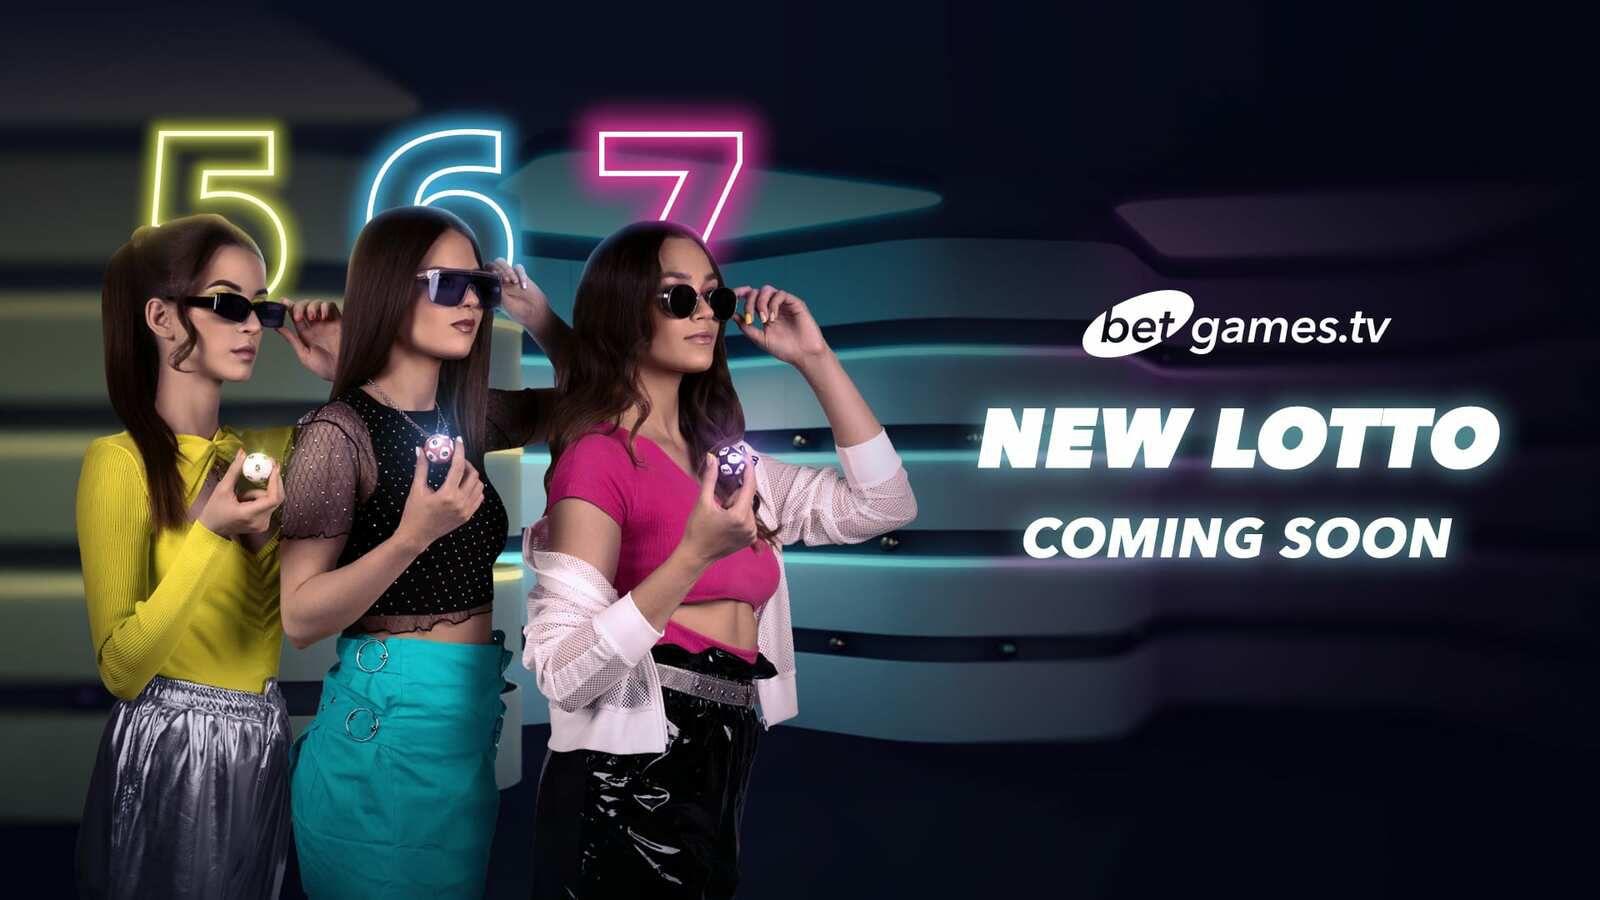 BetGames.TV annonce un relooking de ses jeux de loterie en ligne live